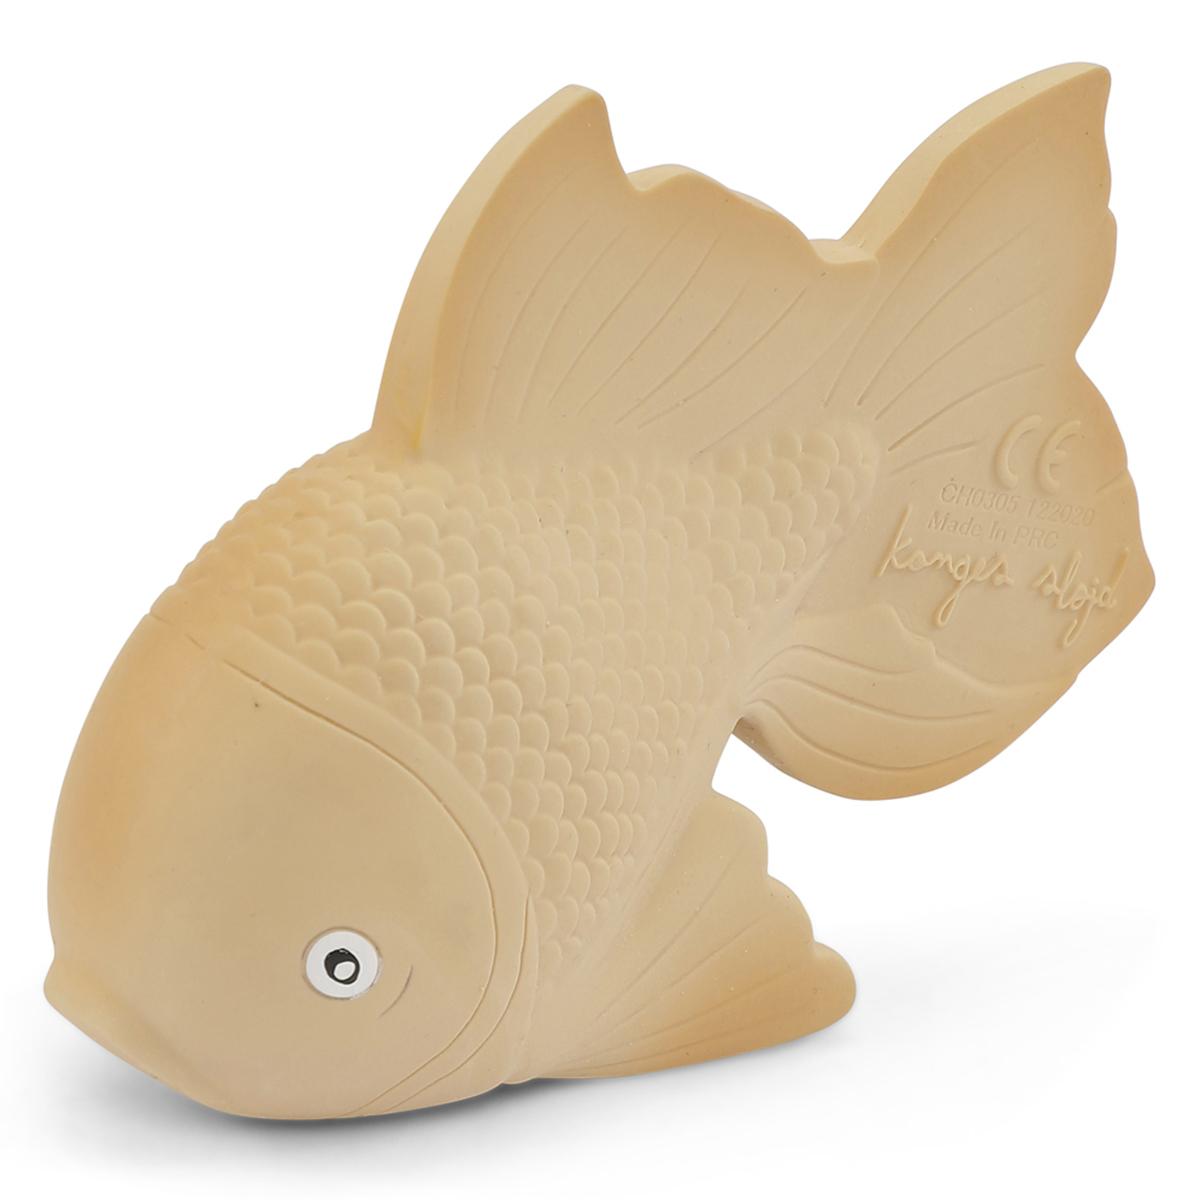 Dentition Jouet de Dentition Goldfish Jouet de Dentition Goldfish